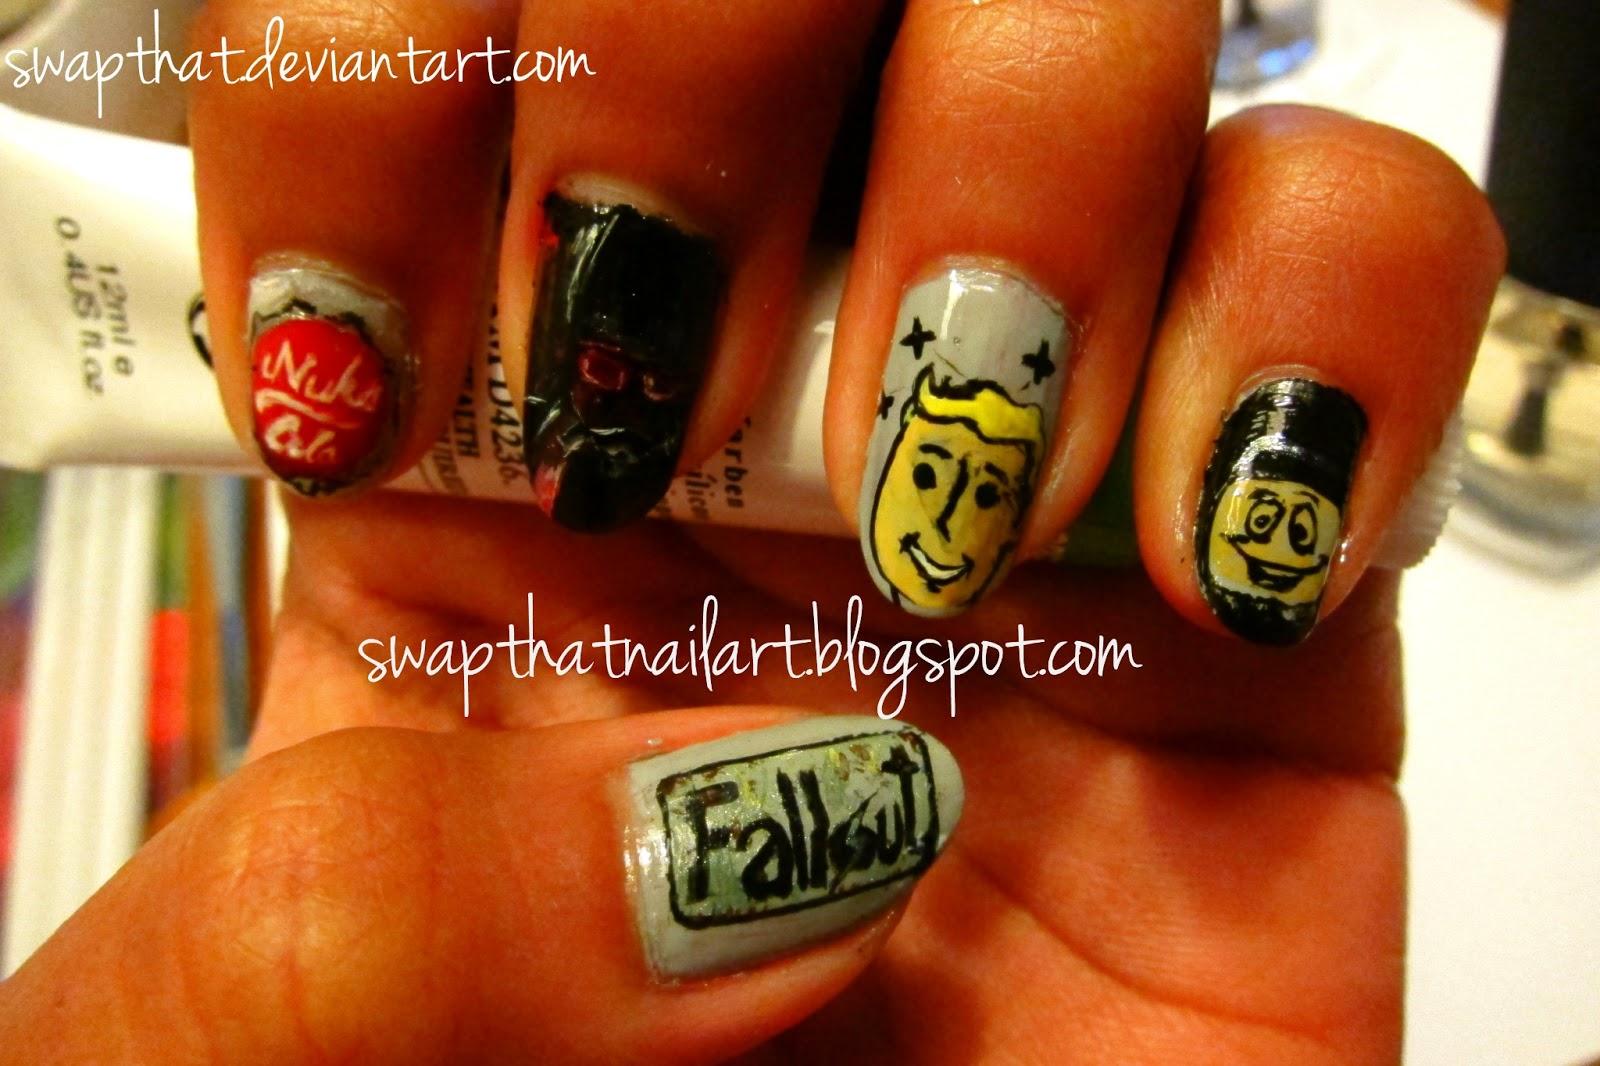 Fallout Nail Art | Swap That Nail